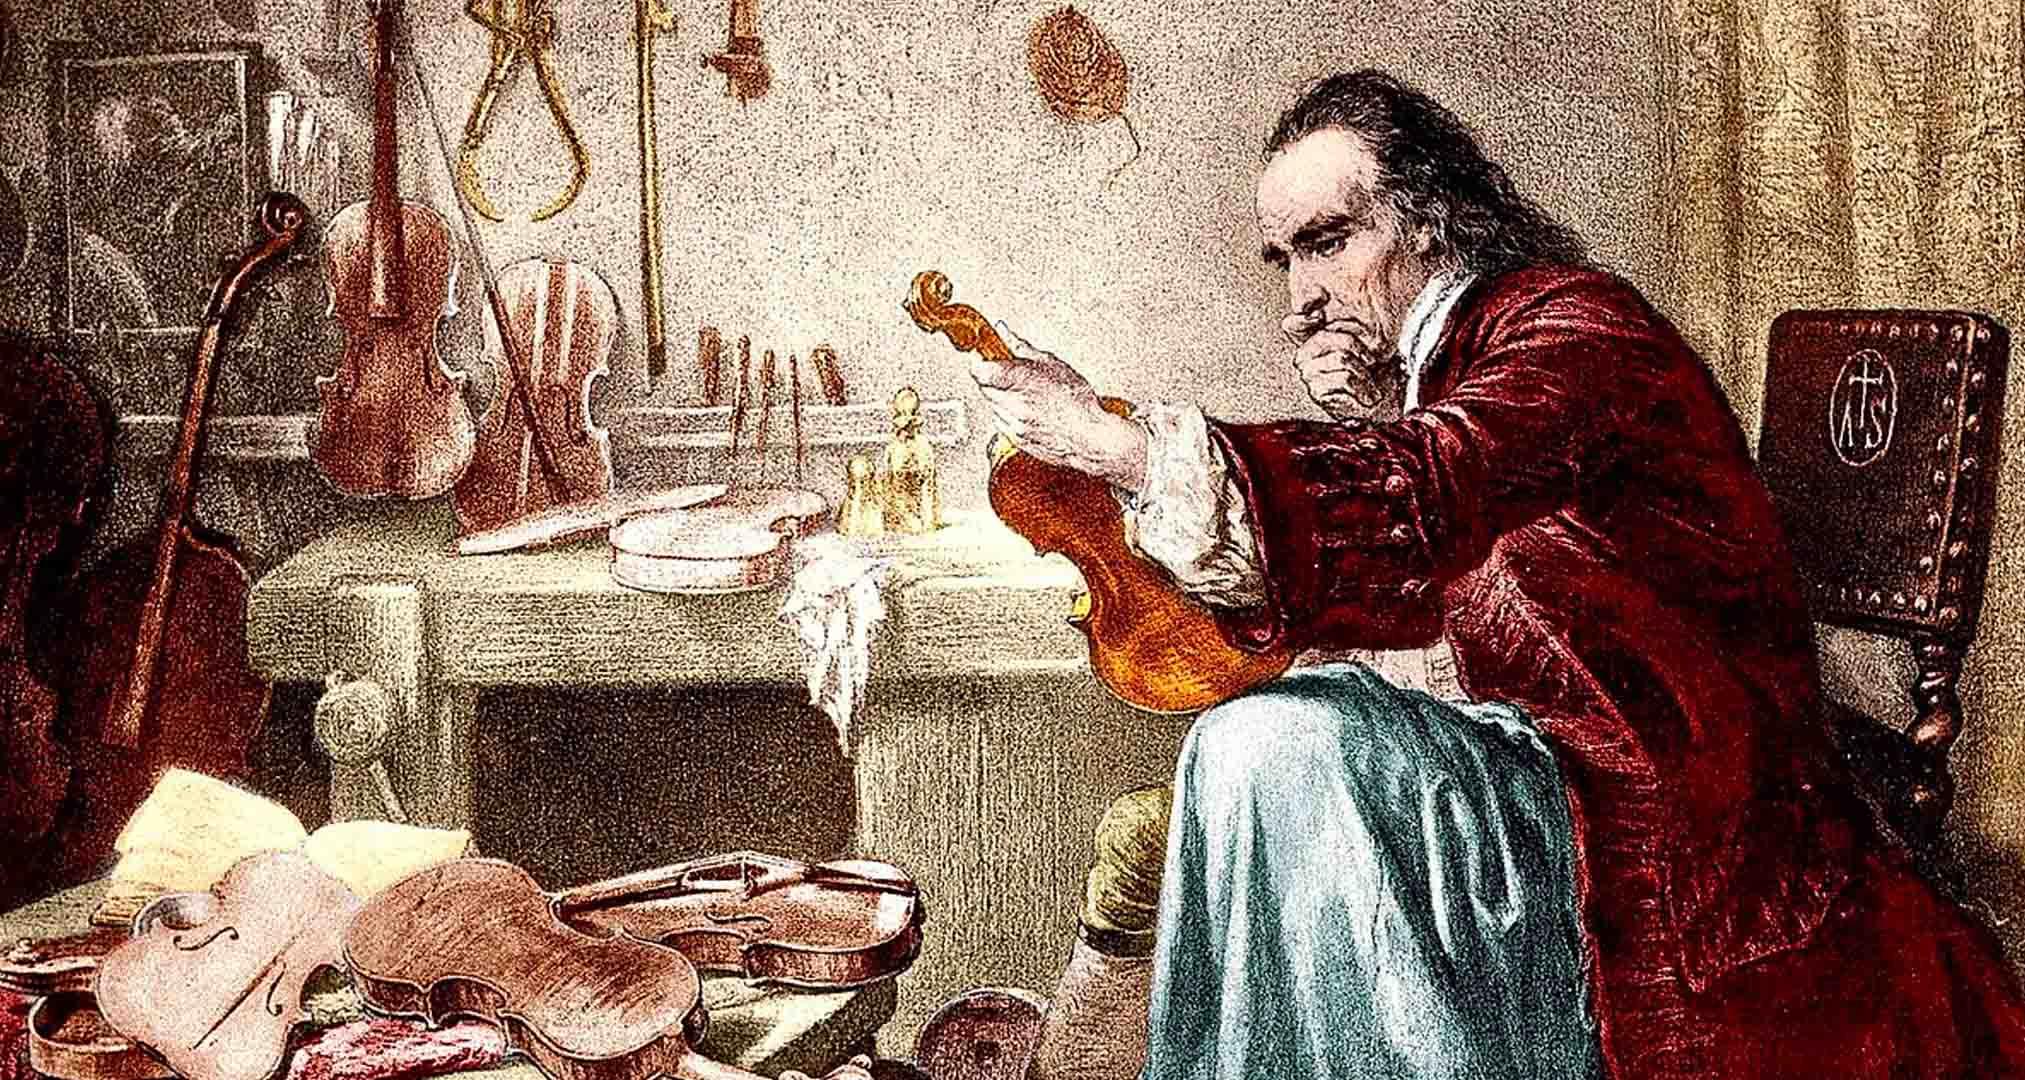 Gravado de Antonio Stradivari